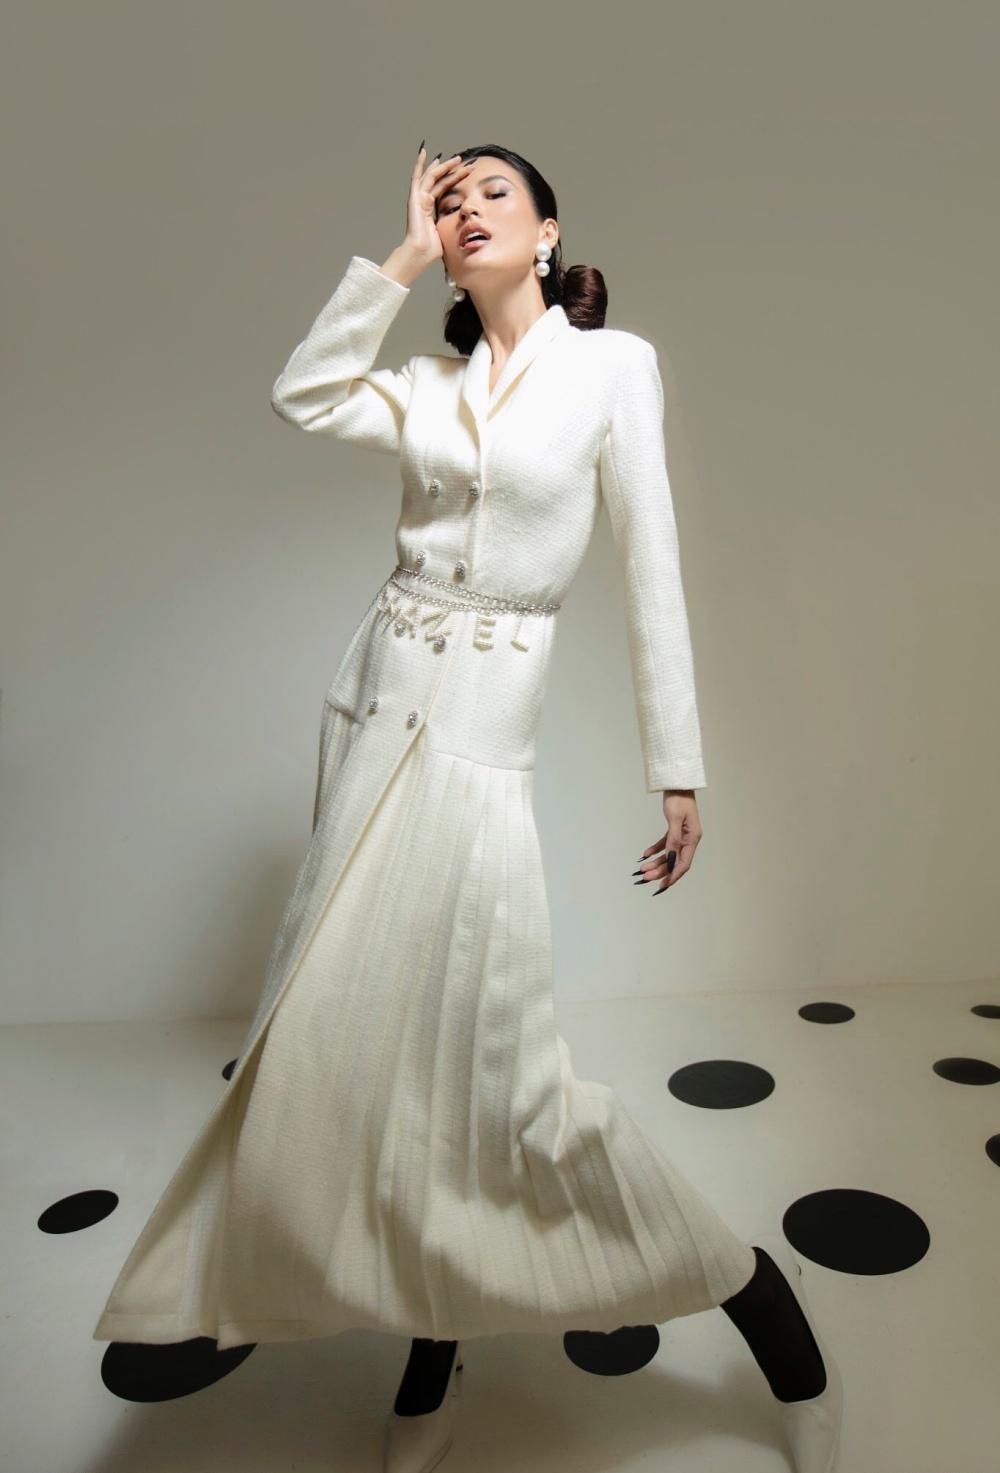 Cao Thiên Trang hóa quý cô Pháp thanh lịch cùng cặp màu đen, trắng kinh điển Ảnh 4